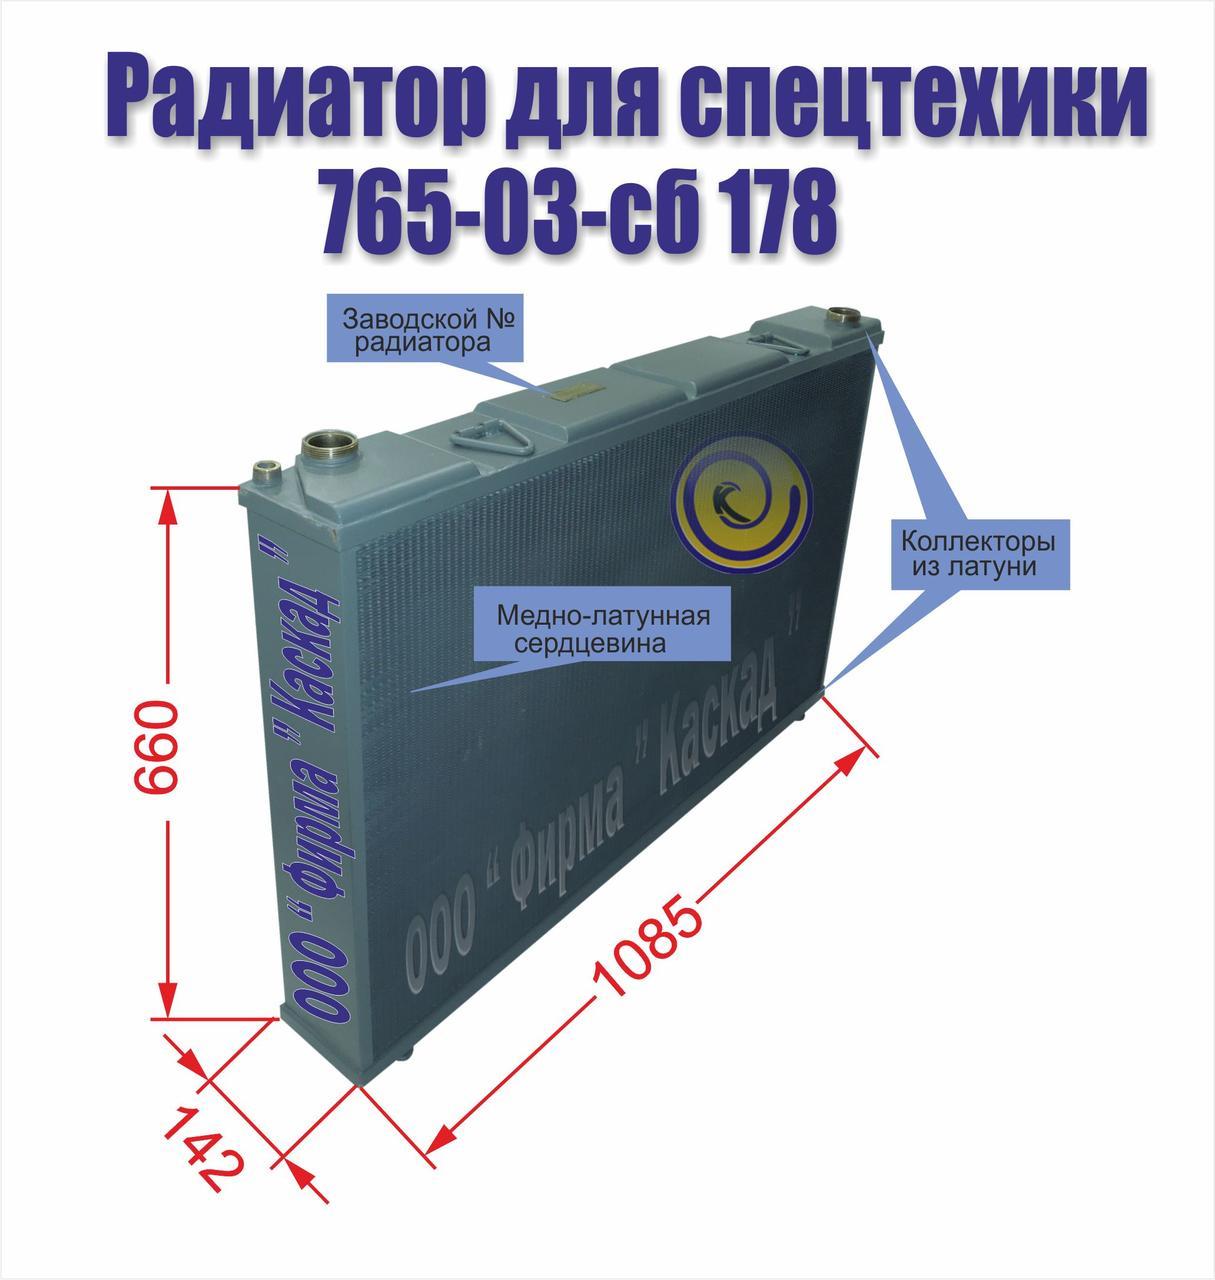 Радиатор водяной для автомобиля, спецтехники 765-03-сб 178